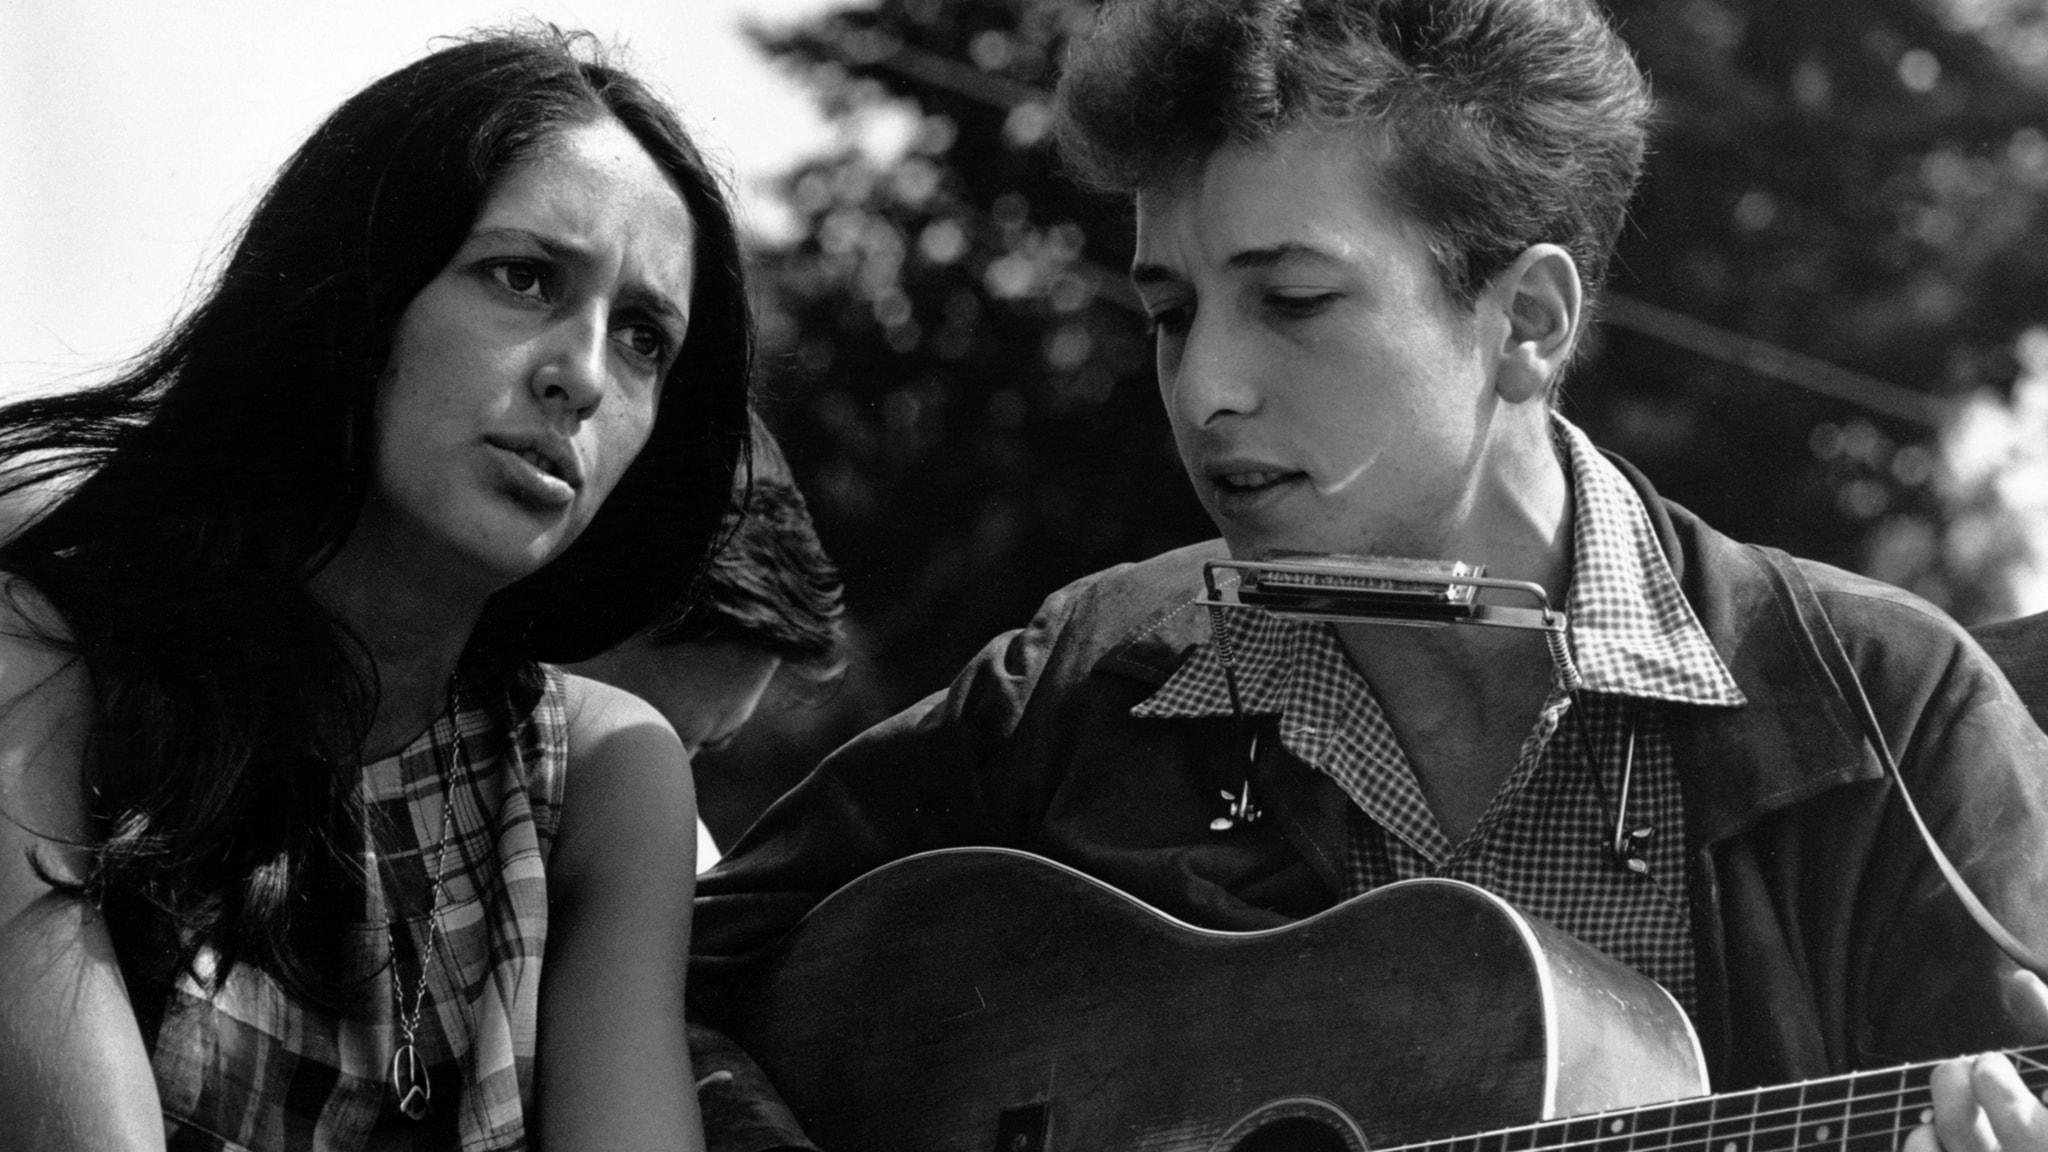 Dylankvinnorna del 2. Hur har Bob Dylan påverkat kvinnor?